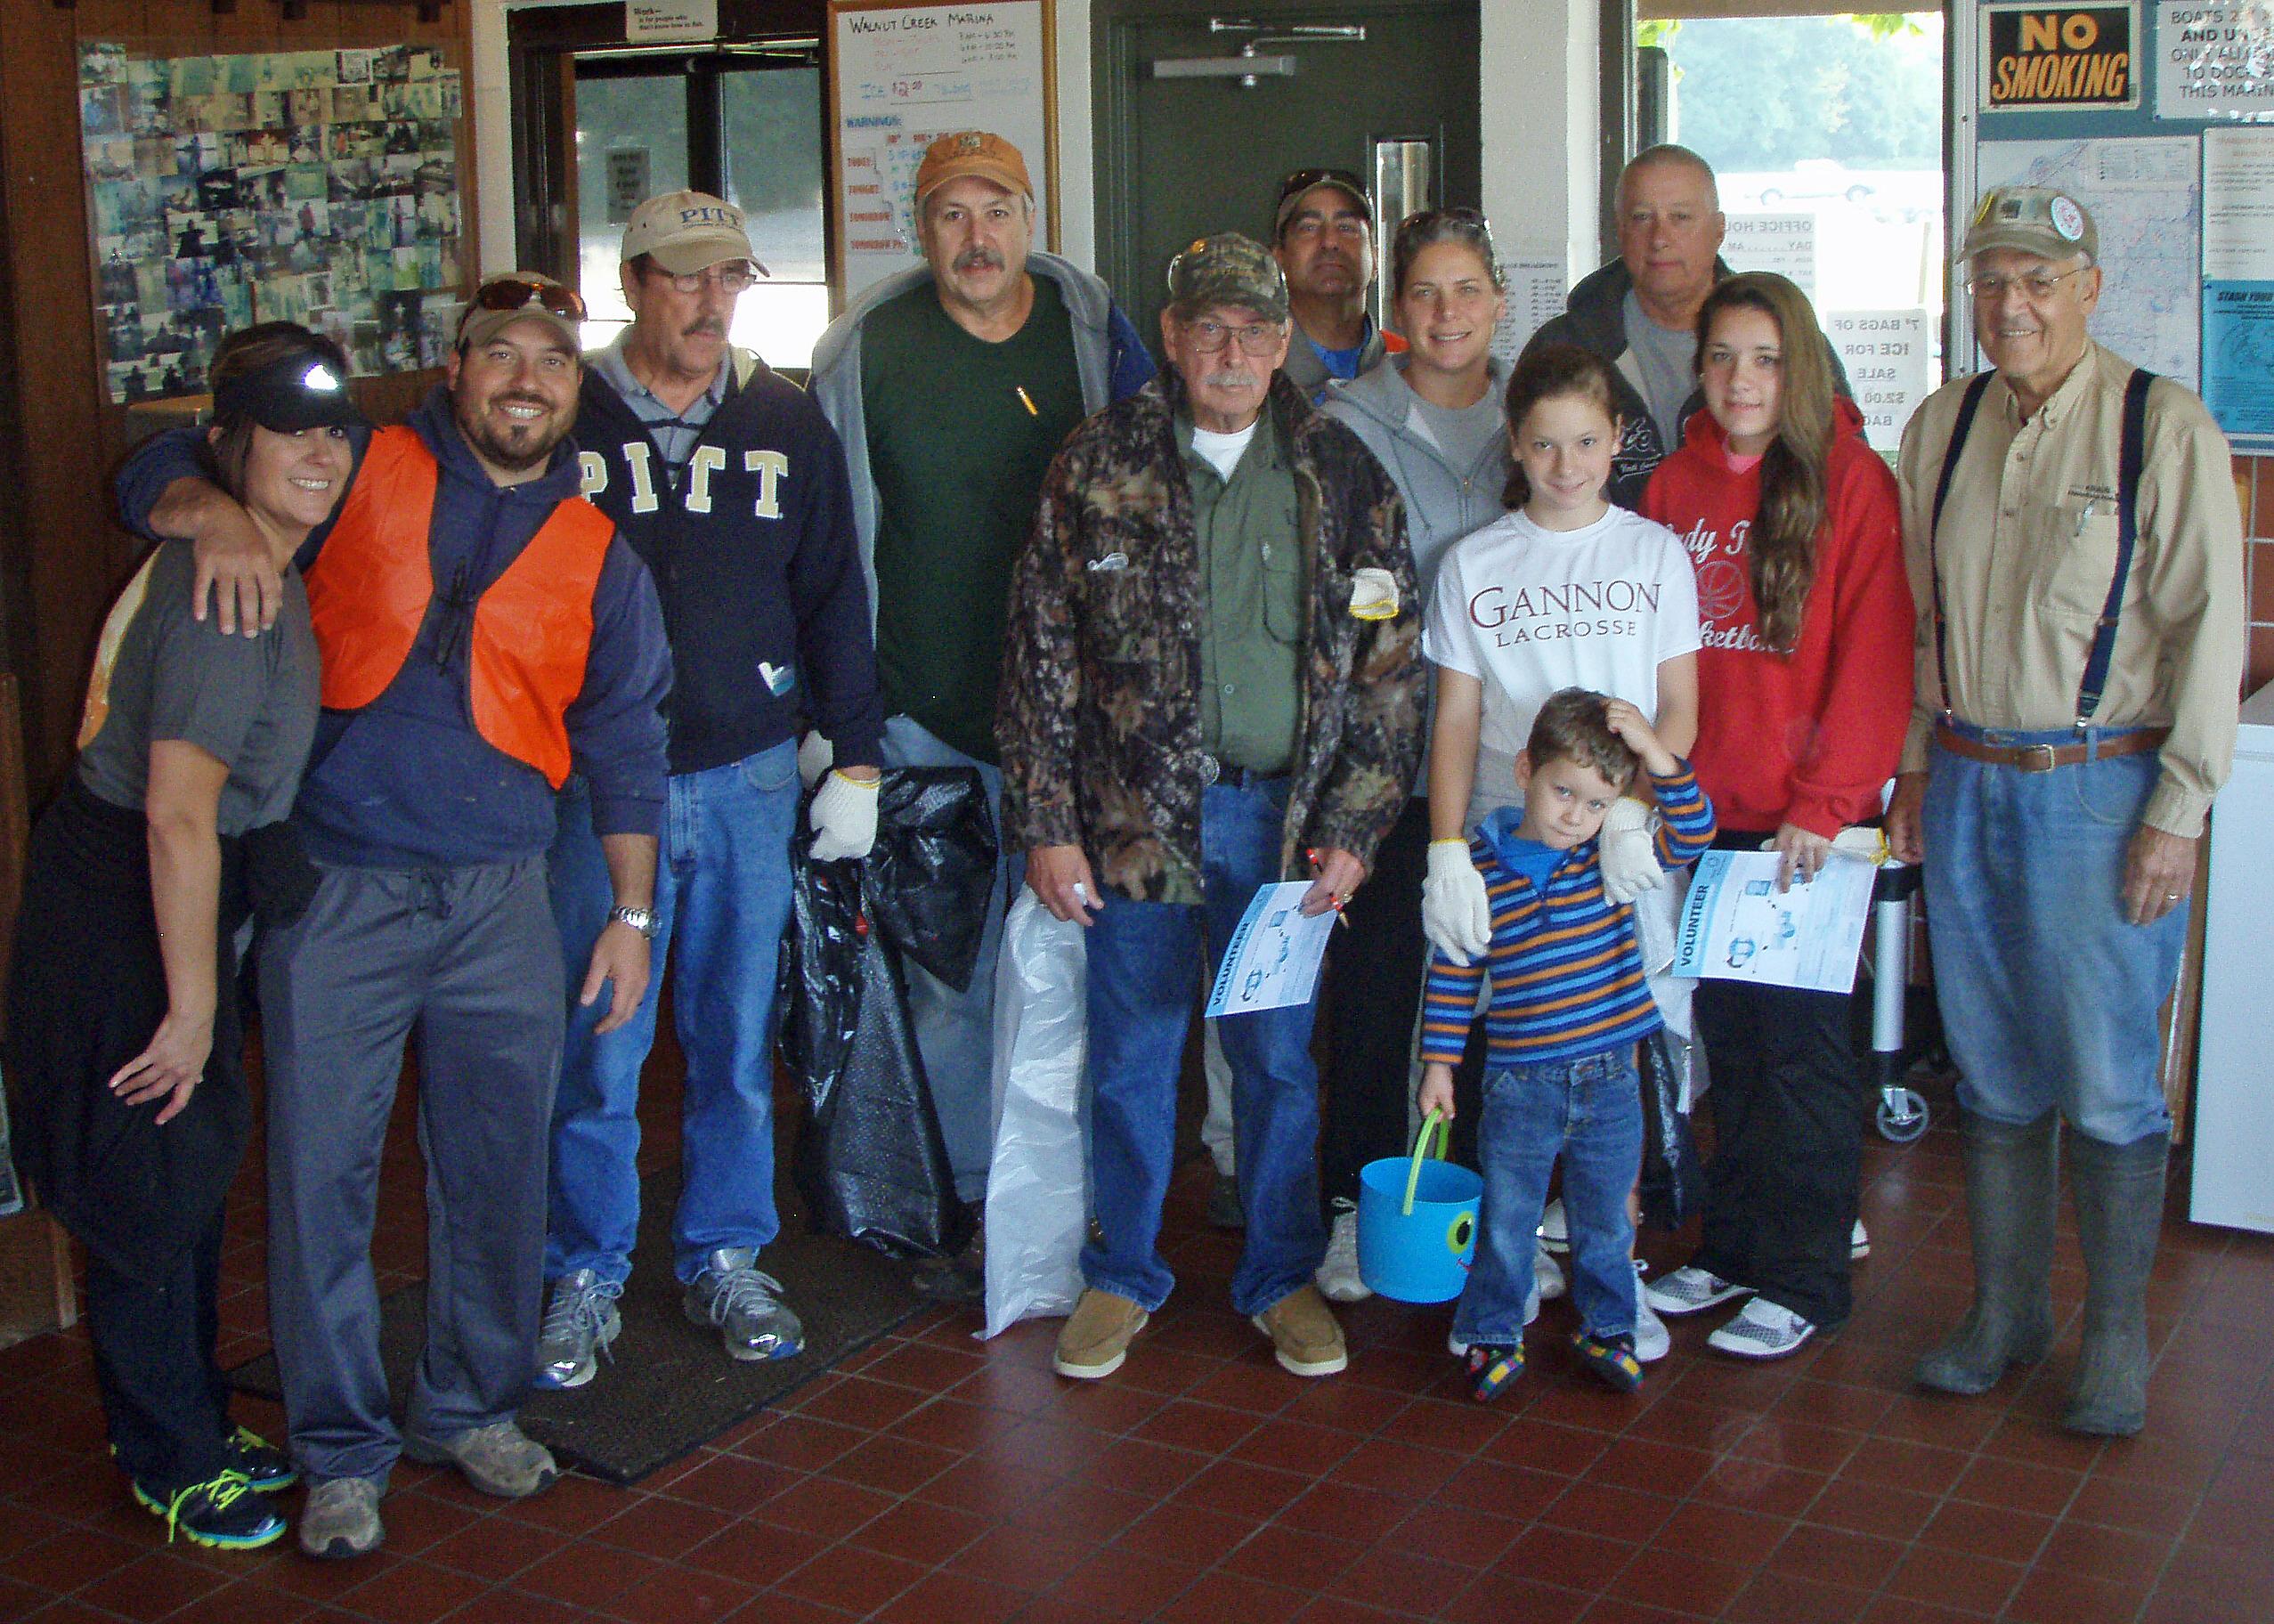 PA Steelhead Association - ICC Cleanups of Walnut Creek